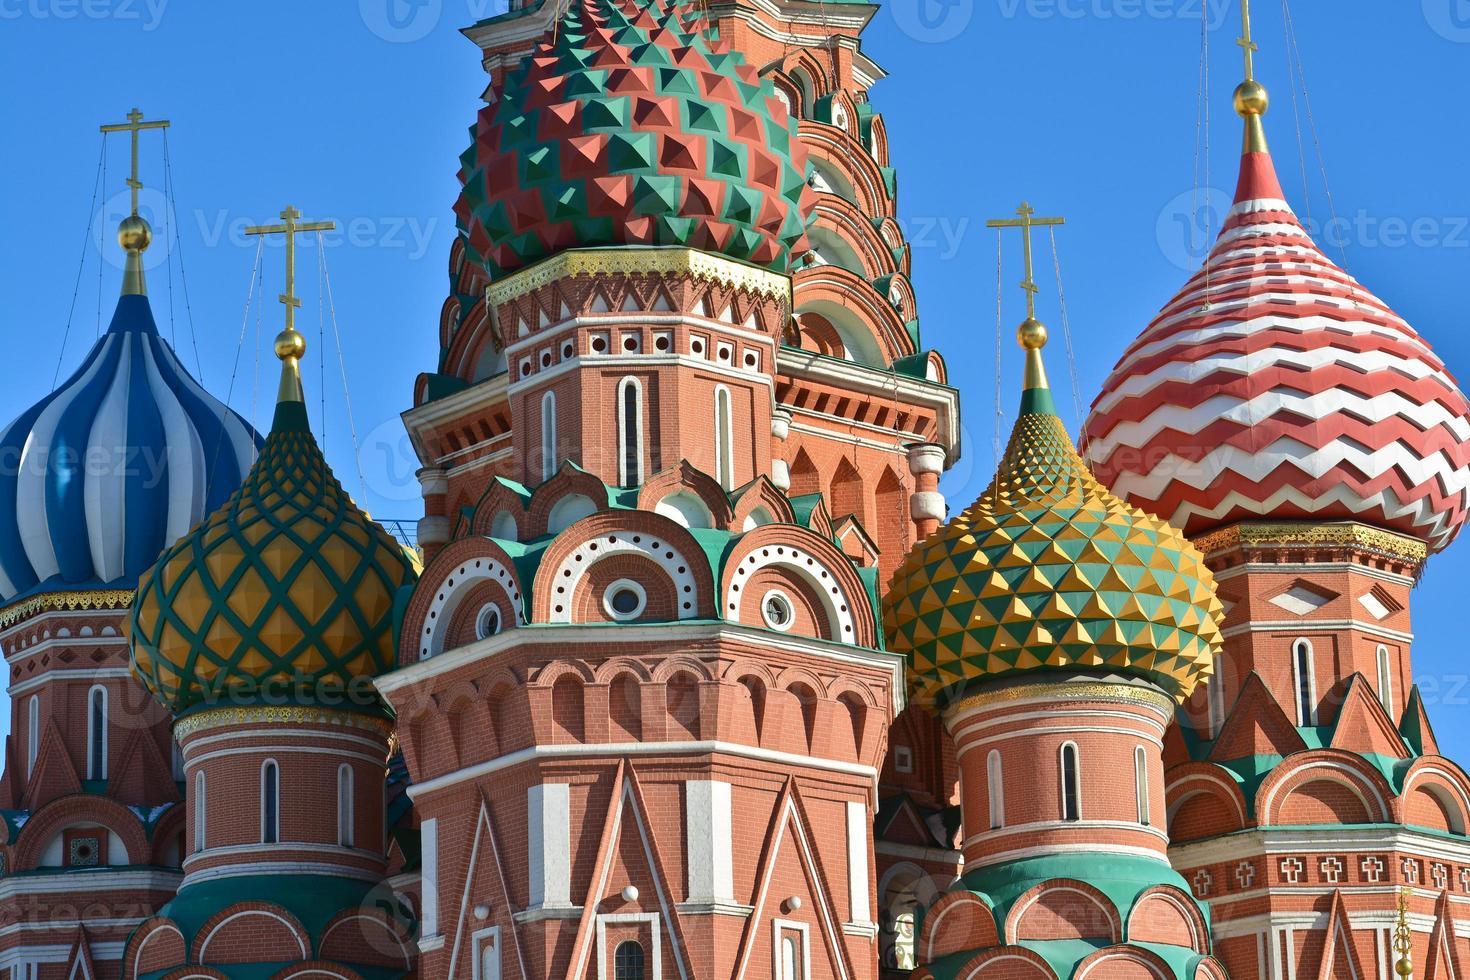 dômes de st. la cathédrale de basilic sur la place rouge. photo